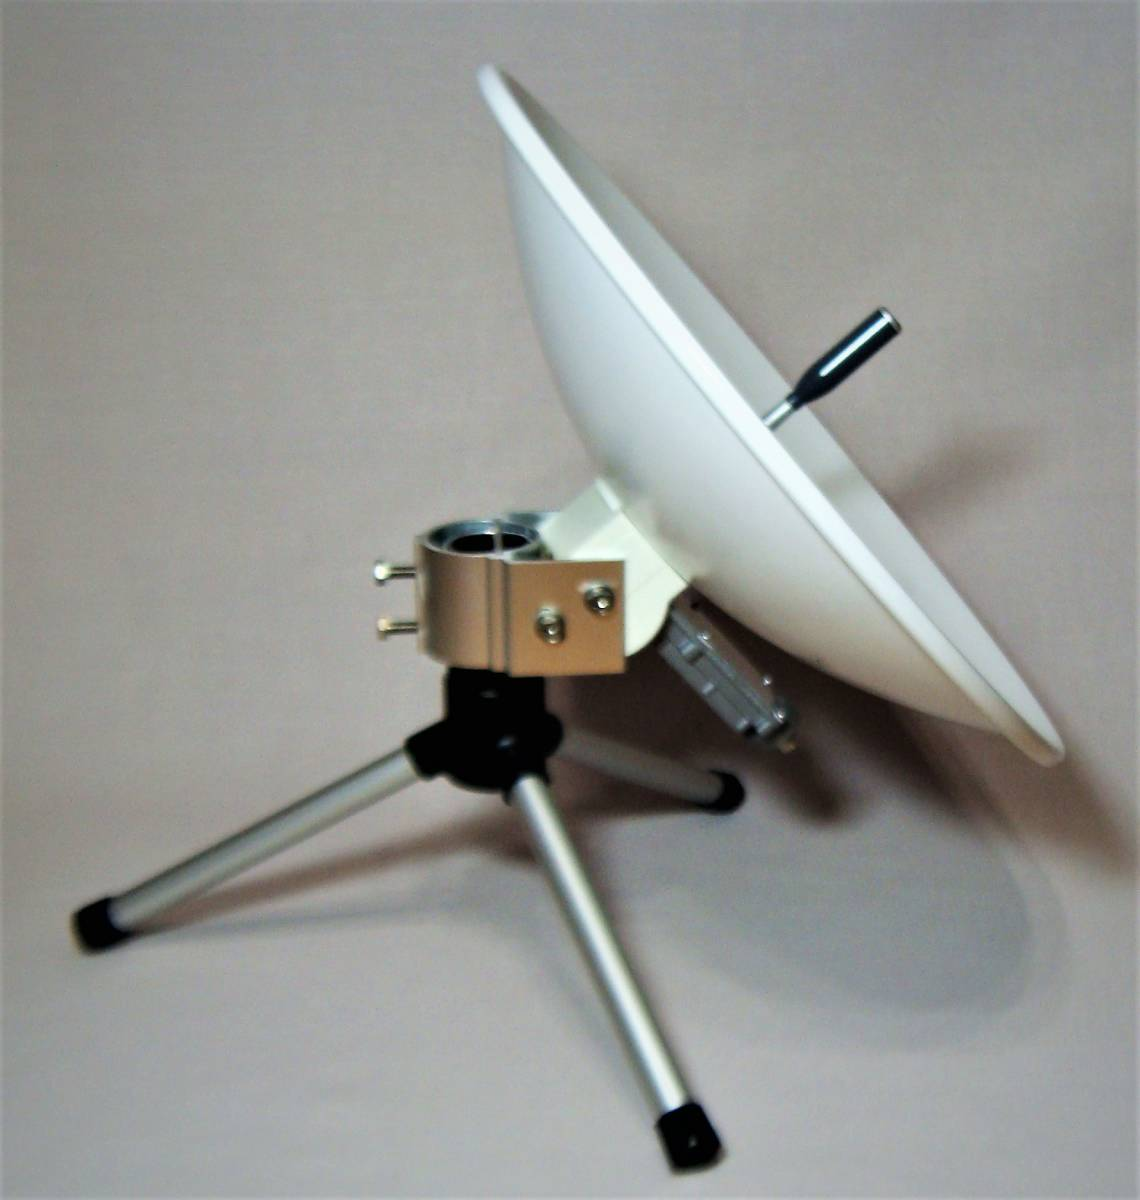 TDK センターフィード型BSアンテナ BS-TA352・三脚・同軸ケーブル付(美品) _画像2